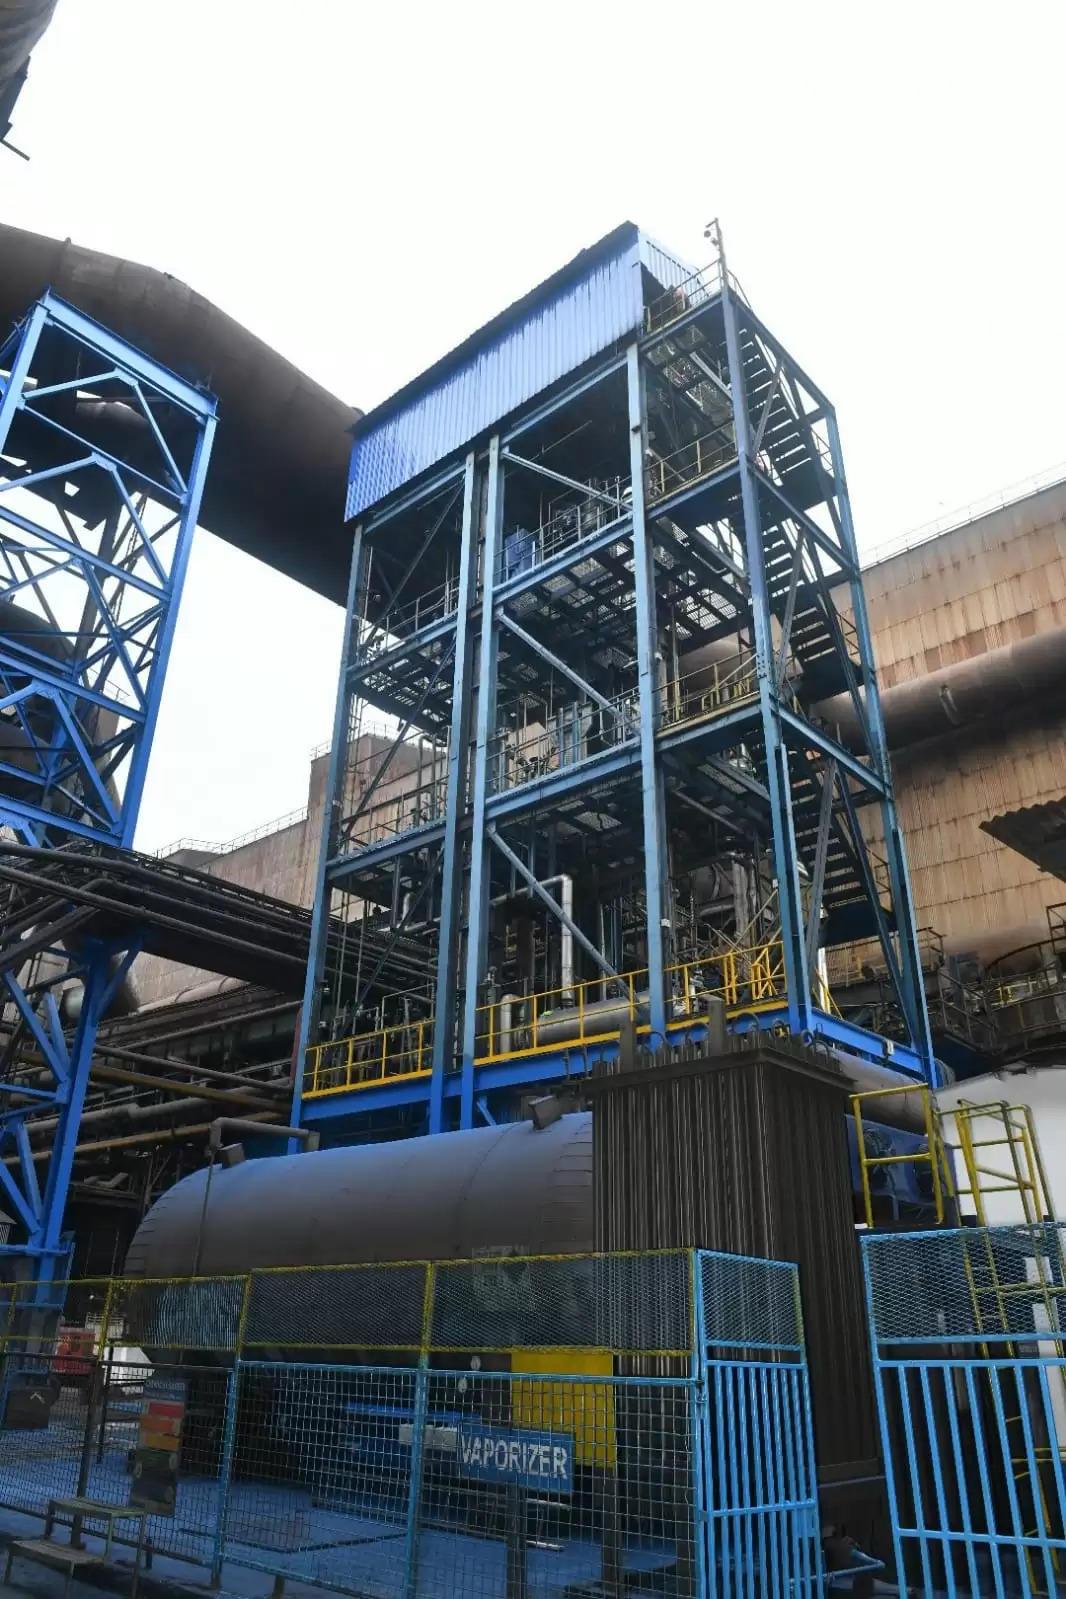 Jamshedpur टाटा स्टील जमशेदपुर ने ब्लास्ट फर्नेस गैस से CO2 कैप्चर के लिए भारत का पहला संयंत्र किया चालू